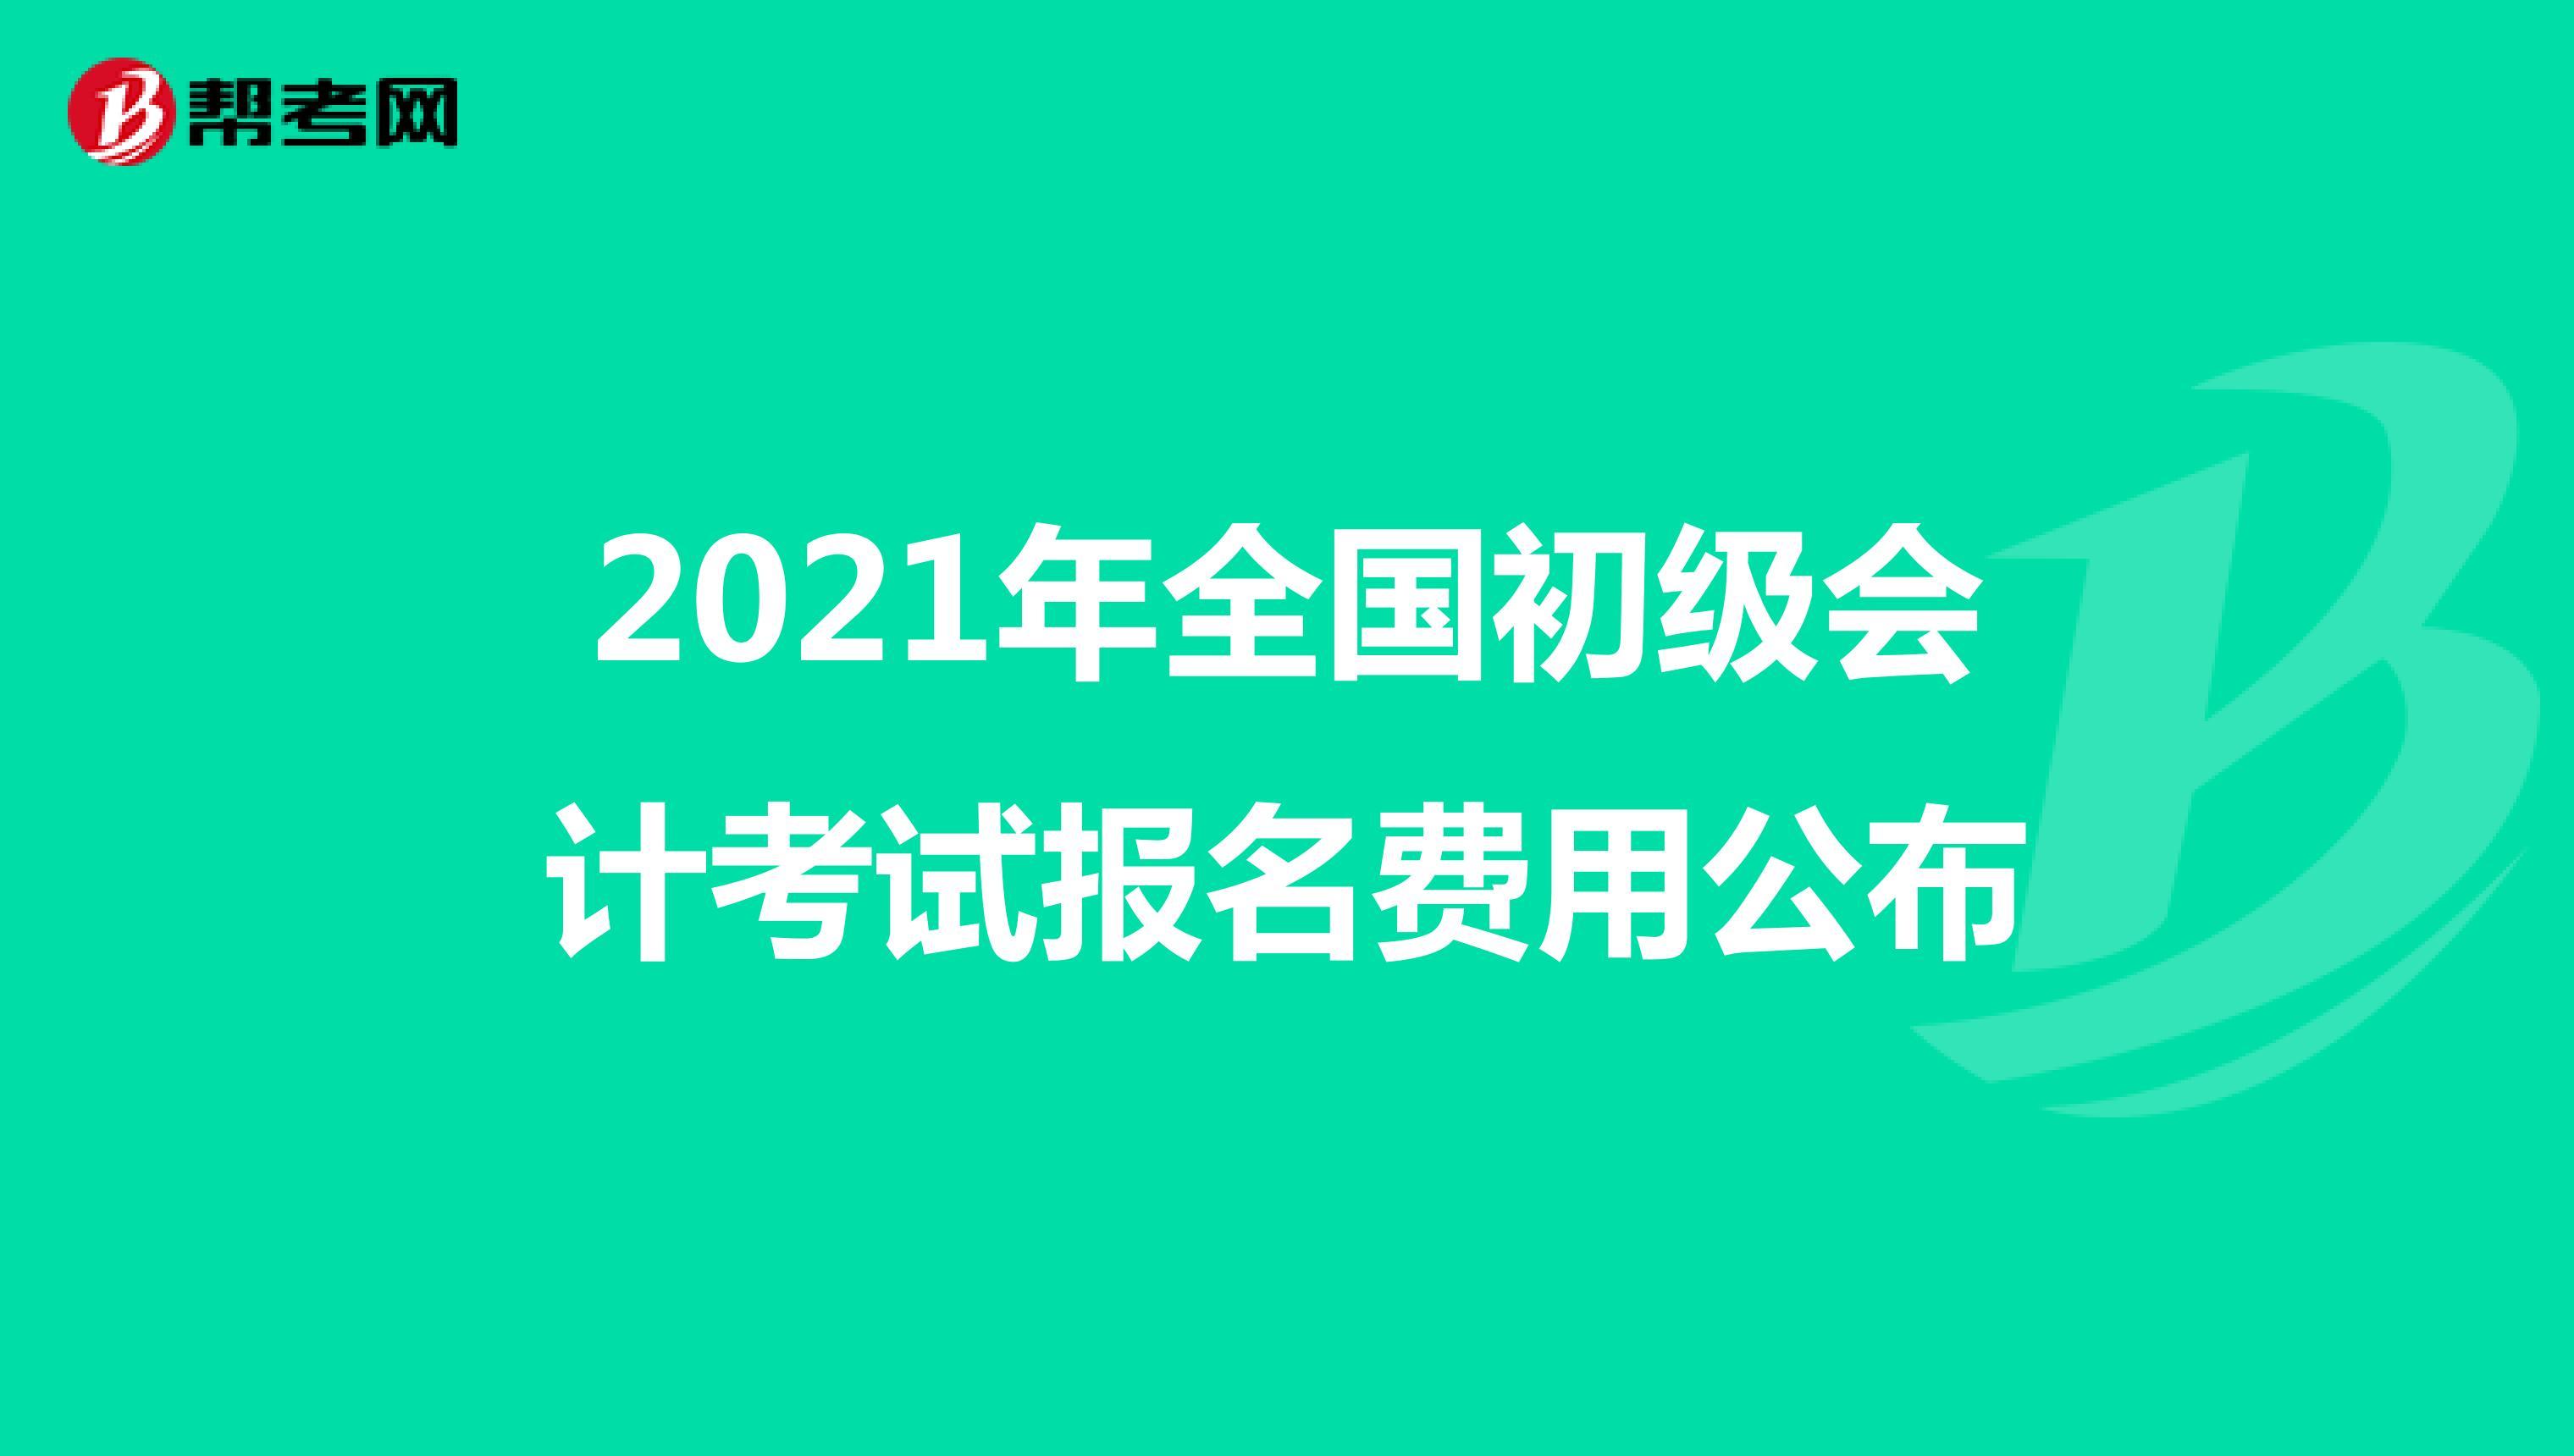 2021年全國初級會計考試報名費用公布